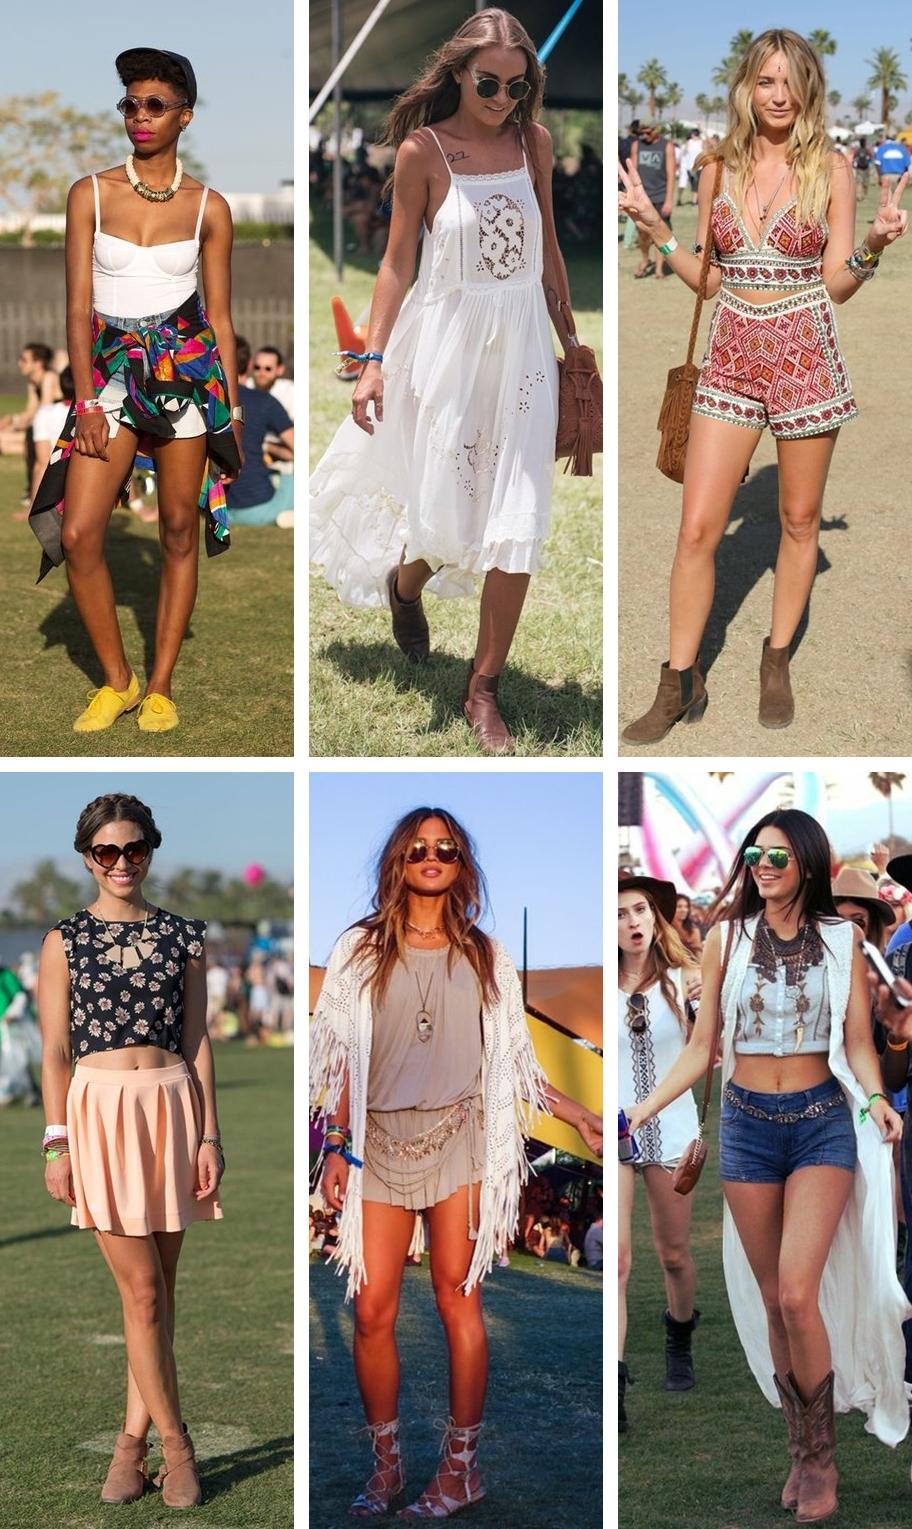 50 looks incriveis de festival 04 - 50 Looks Incríveis de Festival Pra Inspirar e Copiar